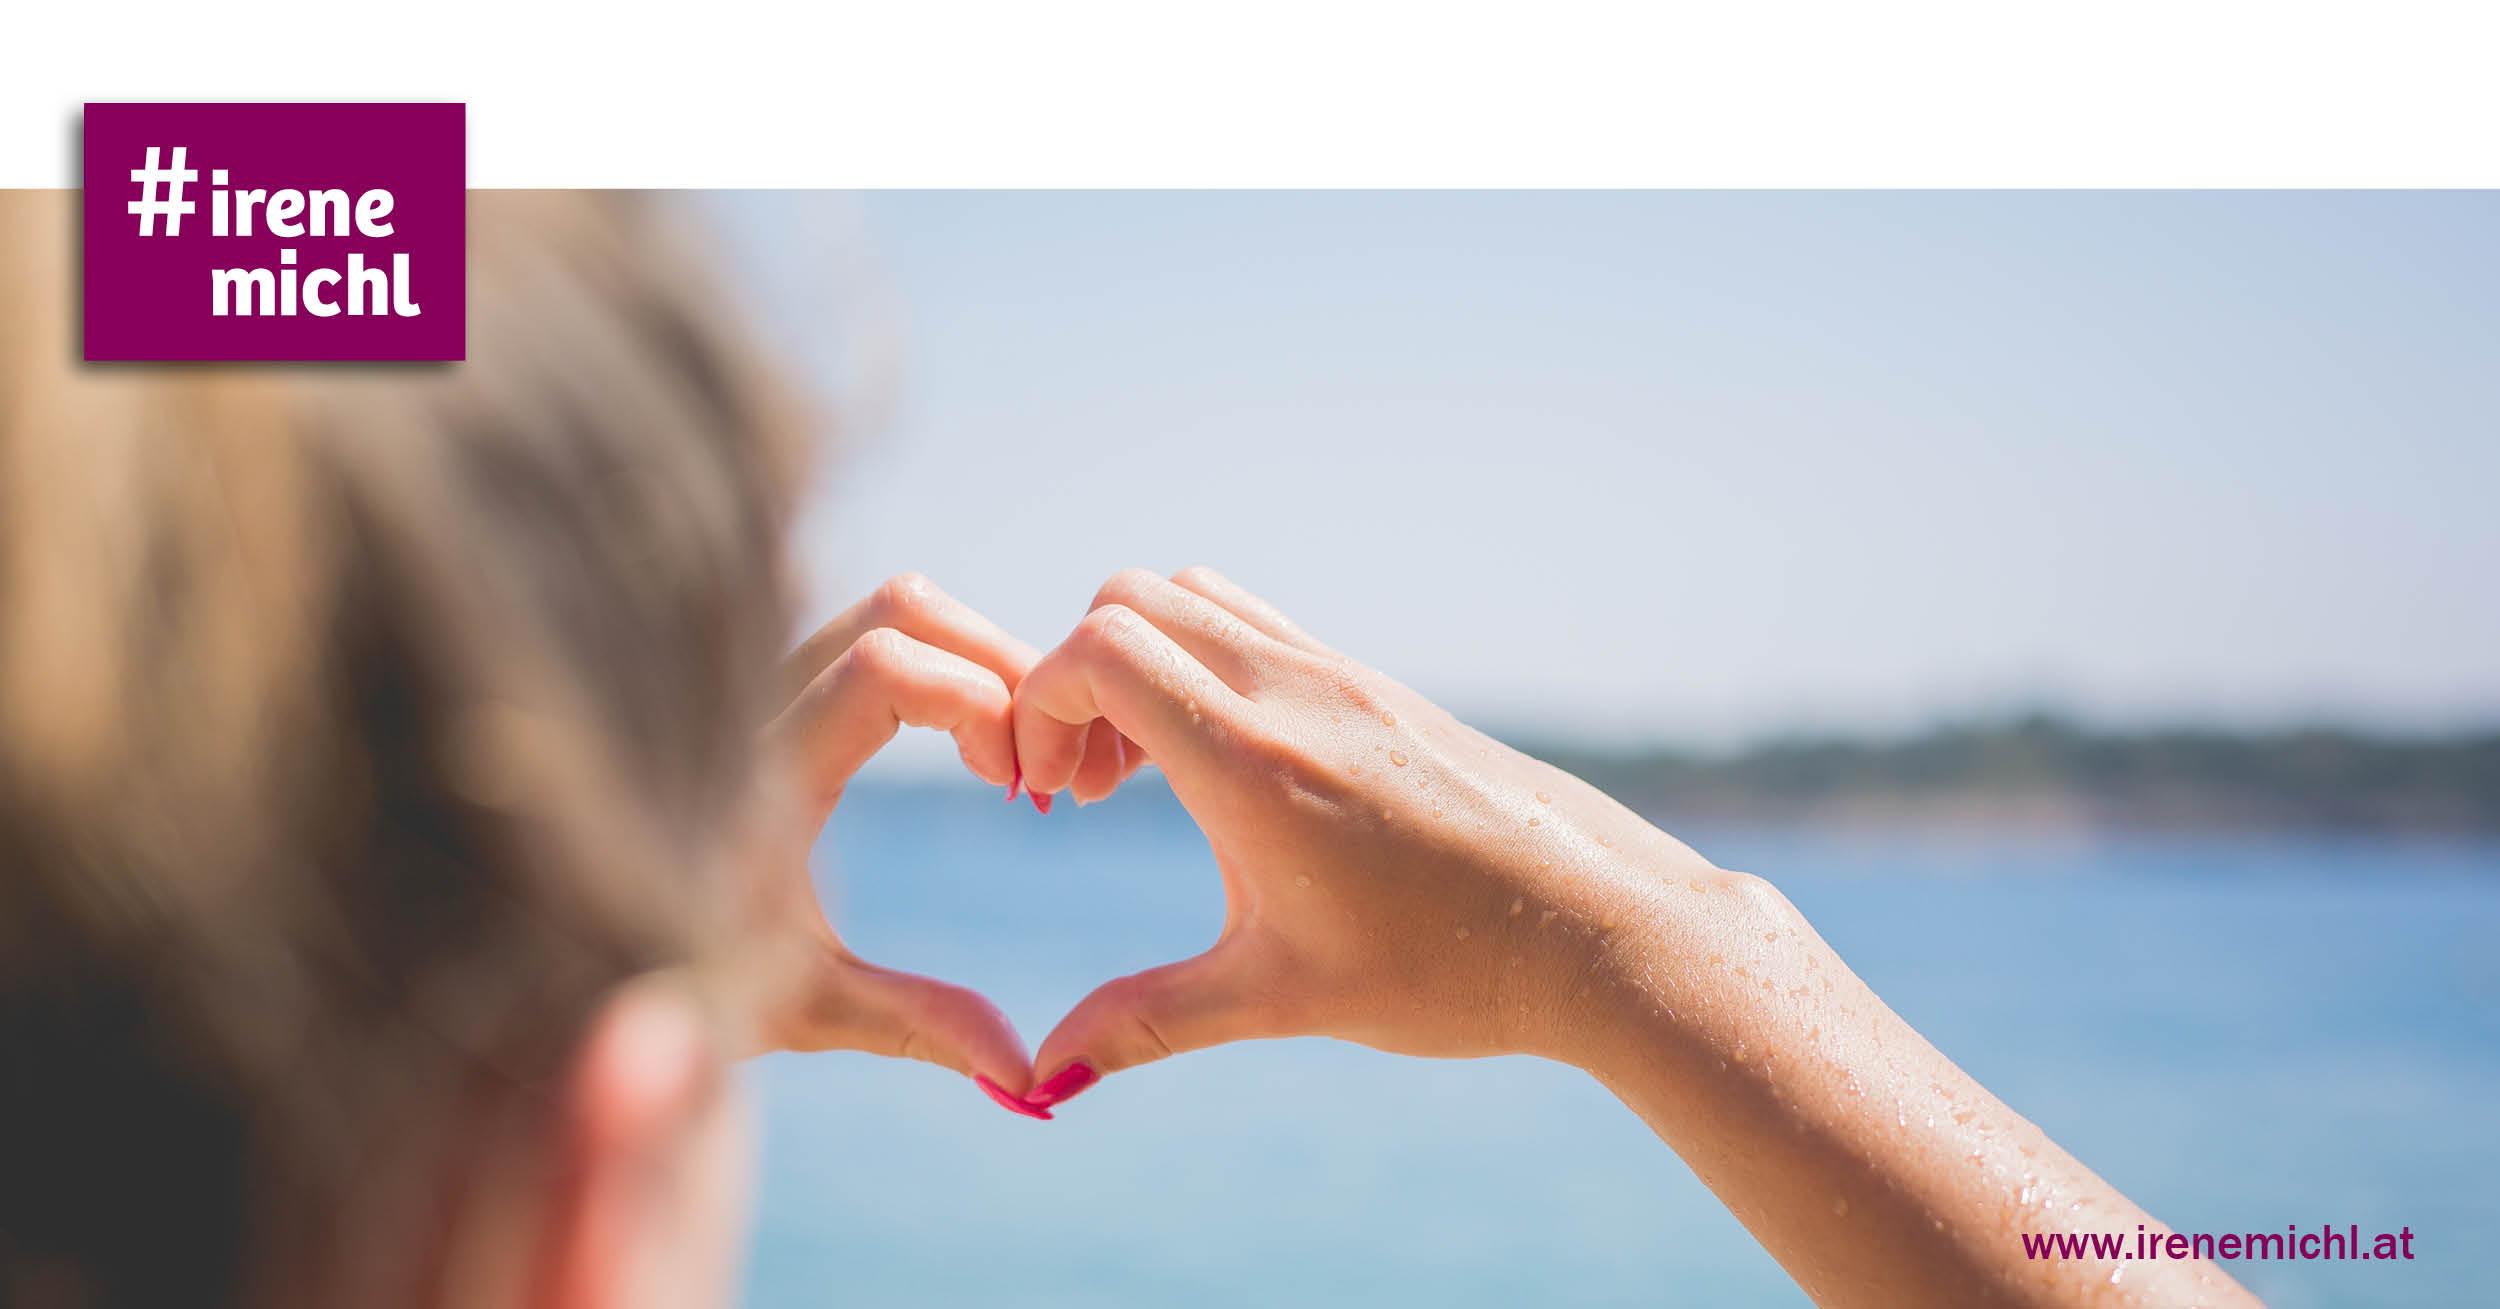 Mädchen hält die Hande zu einem Herz Richtung Horizont